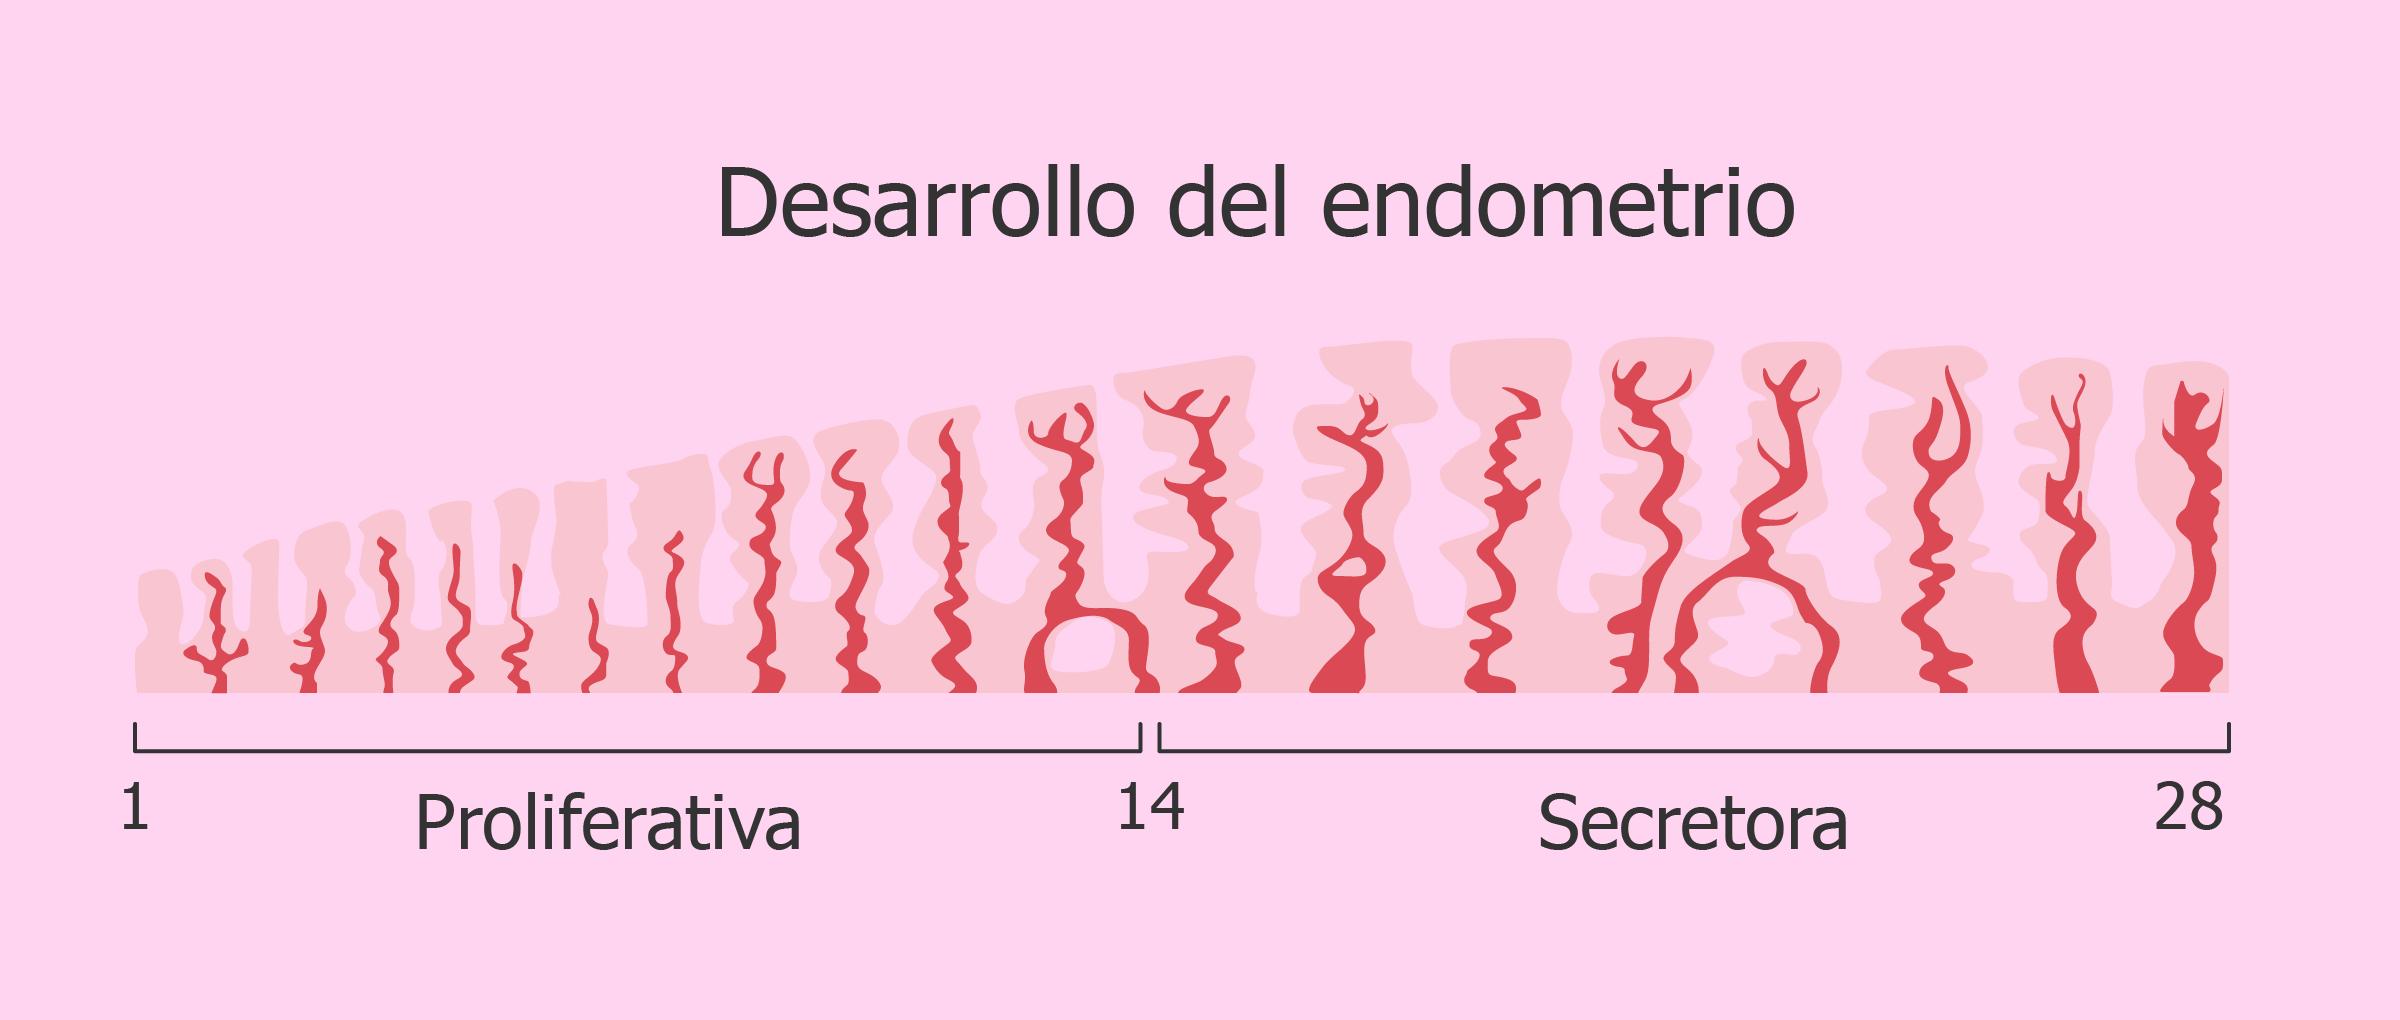 Preparación endometrial para la transferencia de embriones